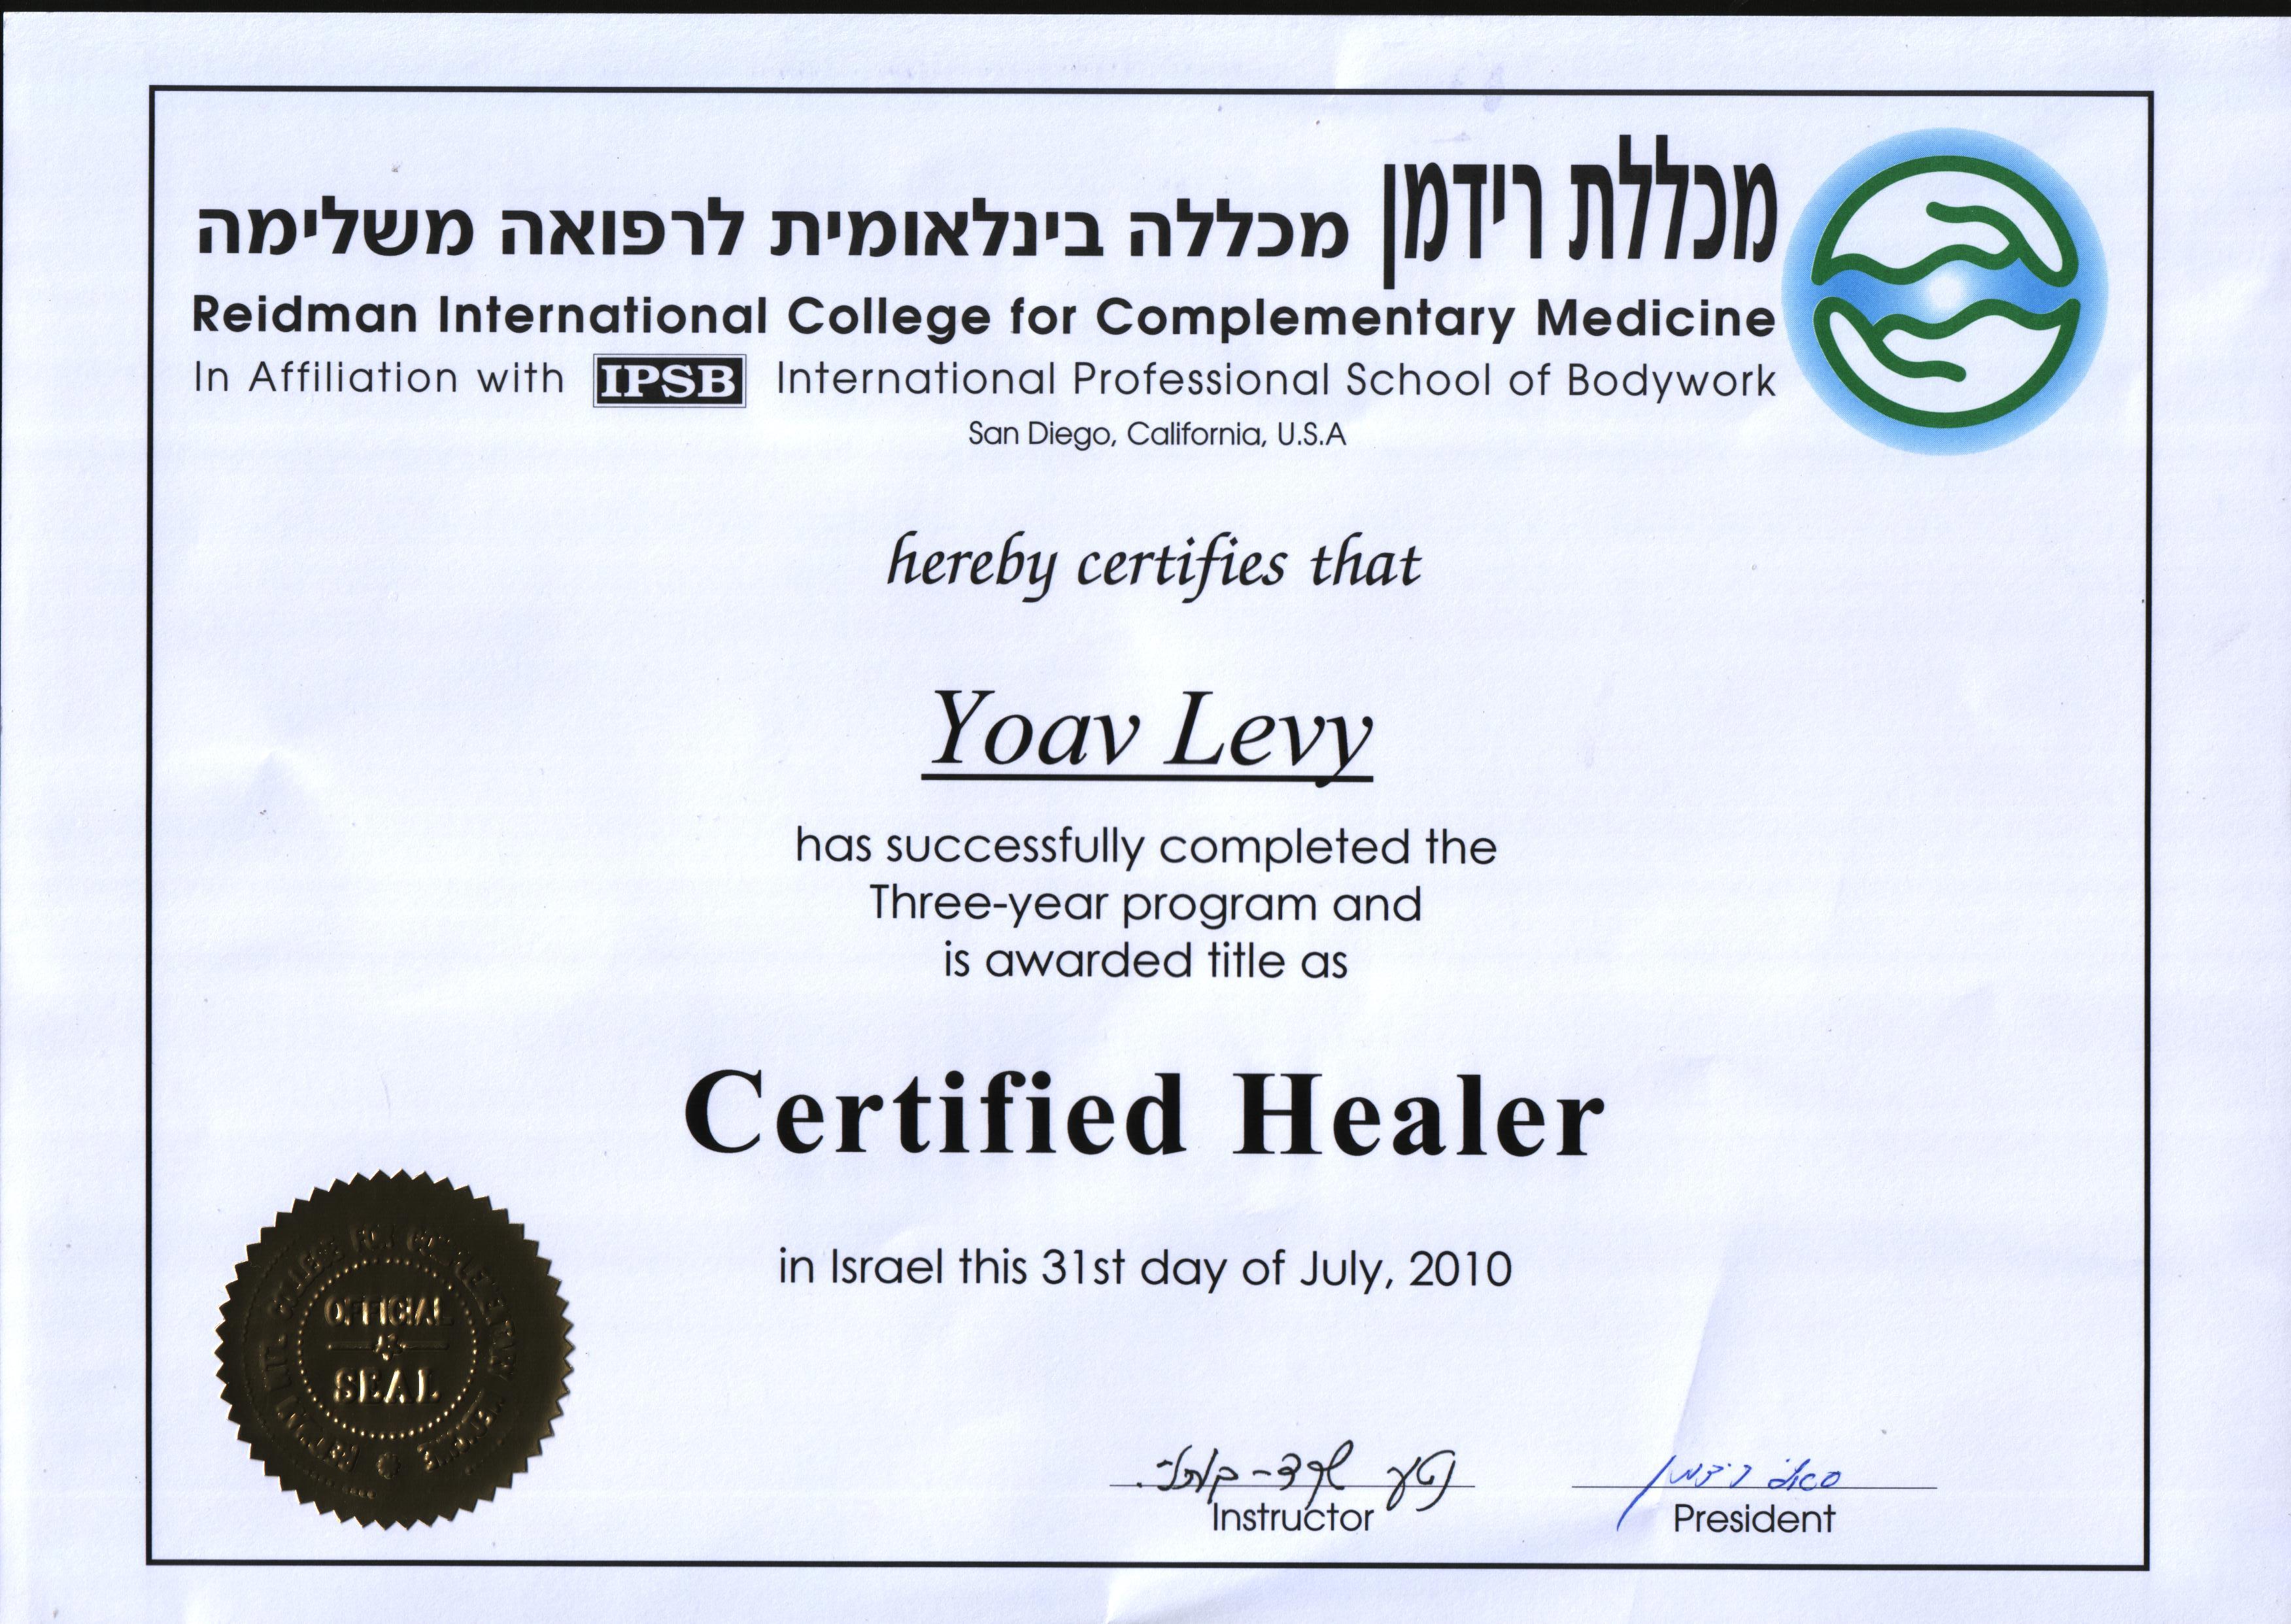 סמכה לטיפול בהילינג - יואב לוי